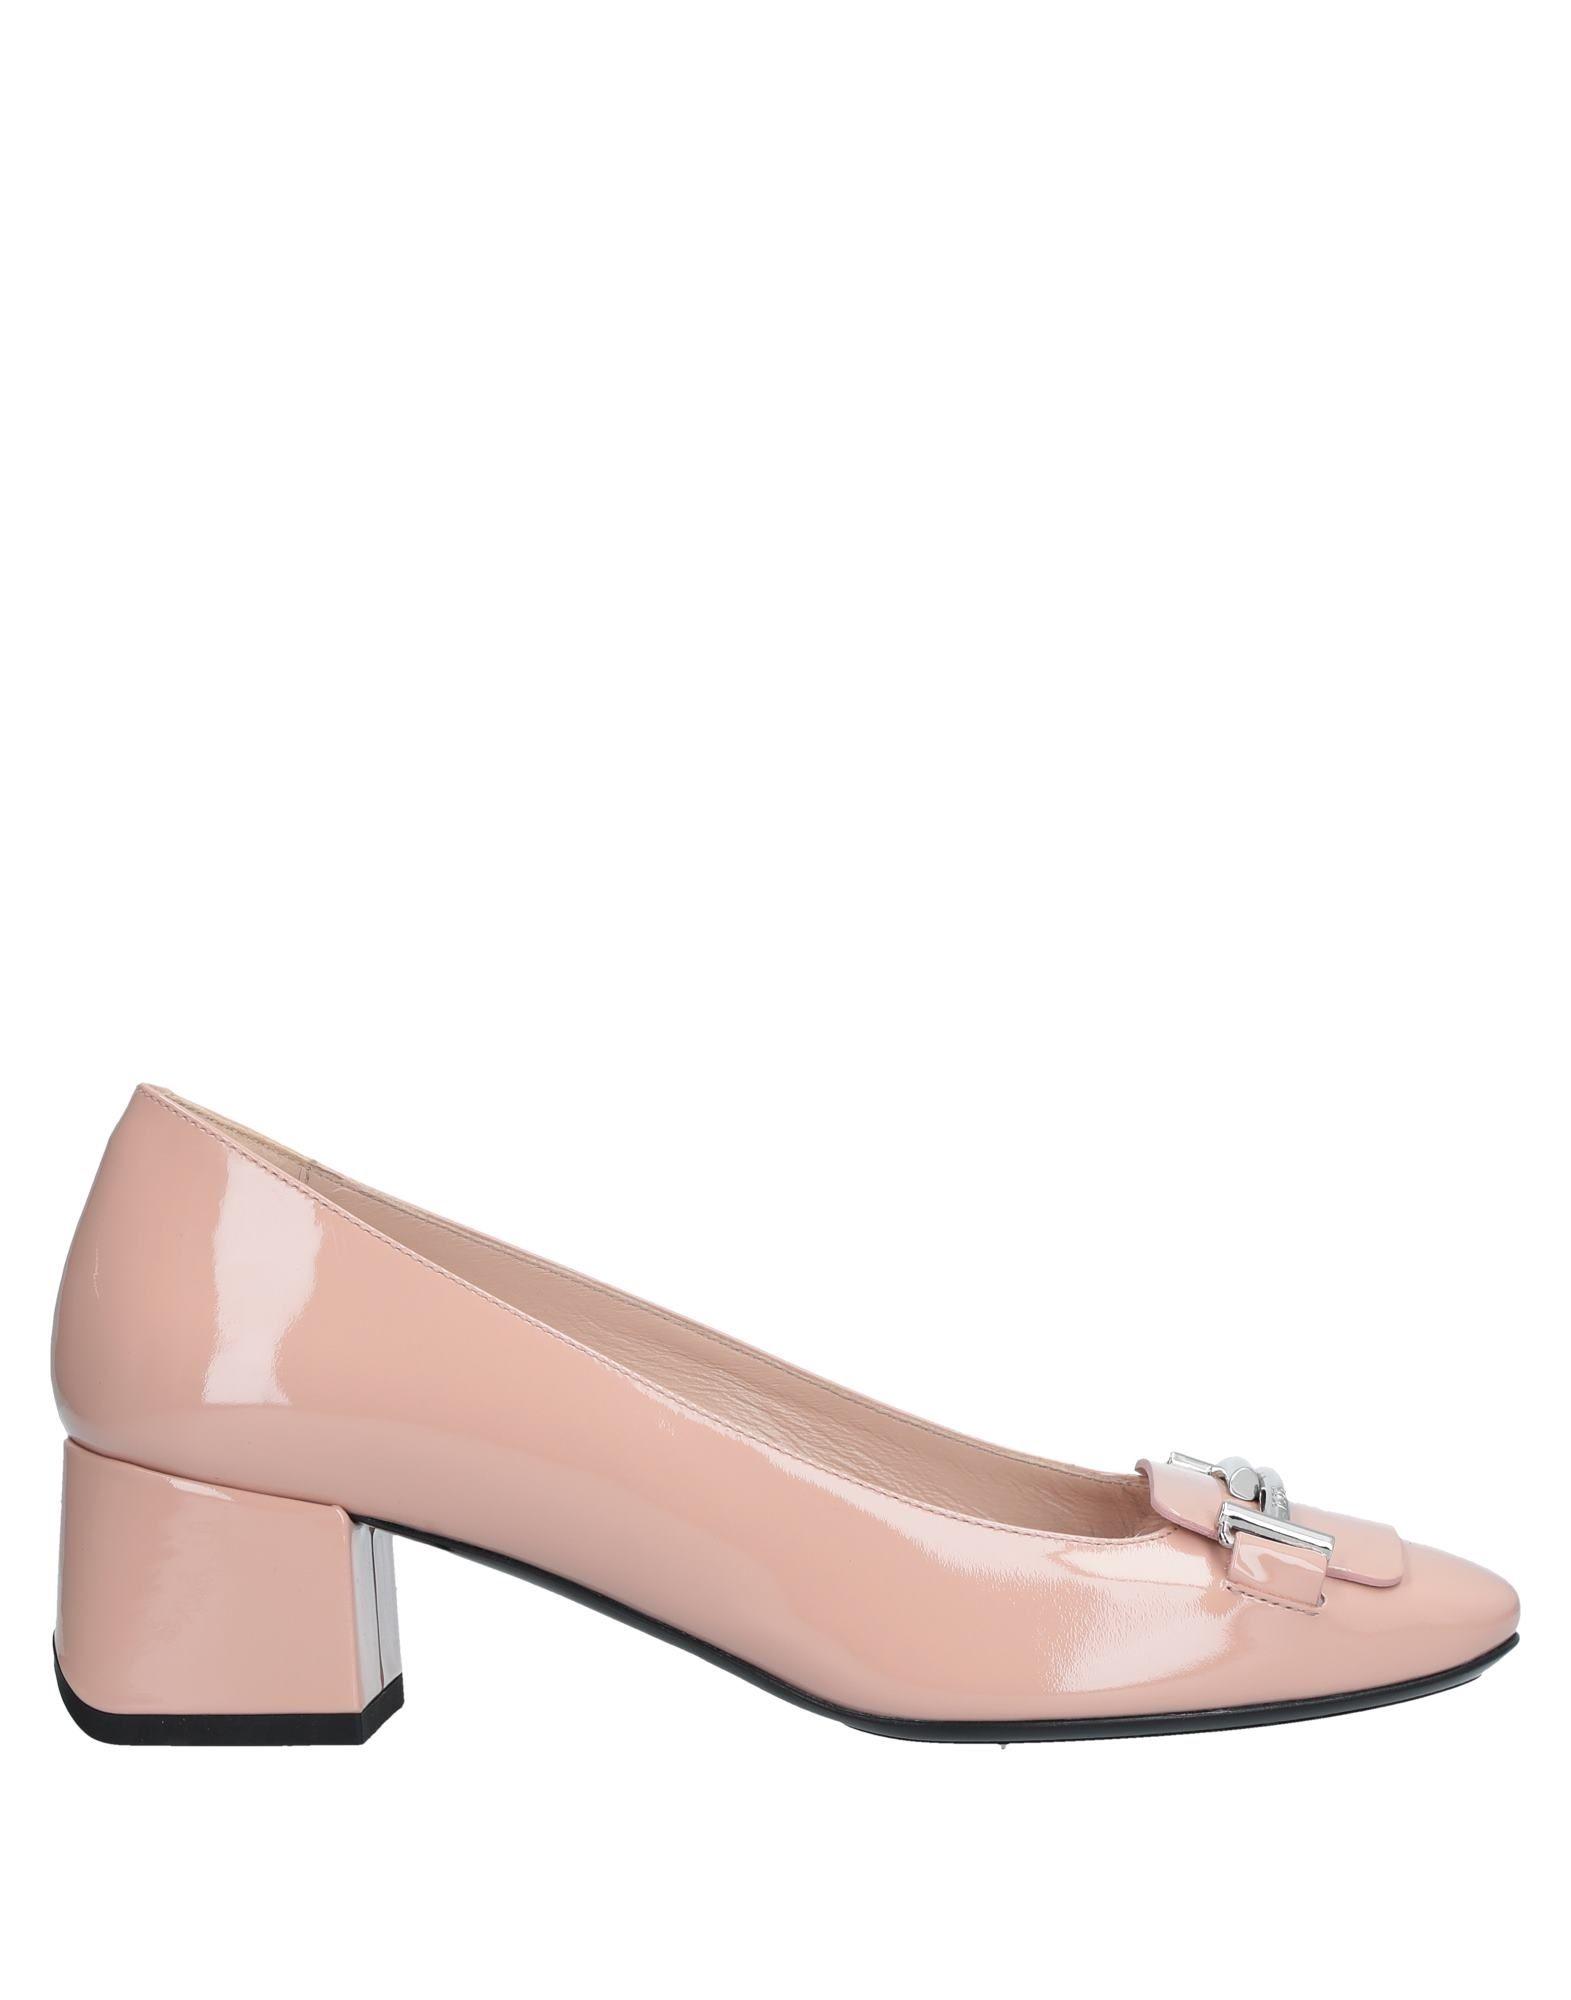 Tod's Mokassins Damen  11541970SXGünstige gut aussehende Schuhe